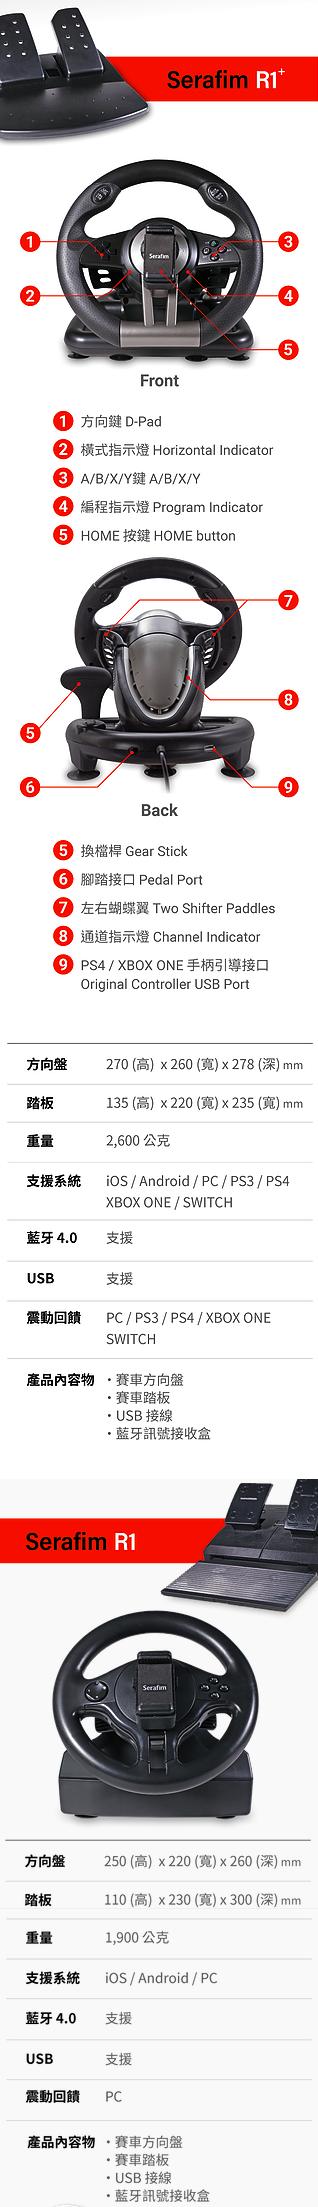 台灣 R1 Plus 全球首款 手遊可用 賽車軚盤14